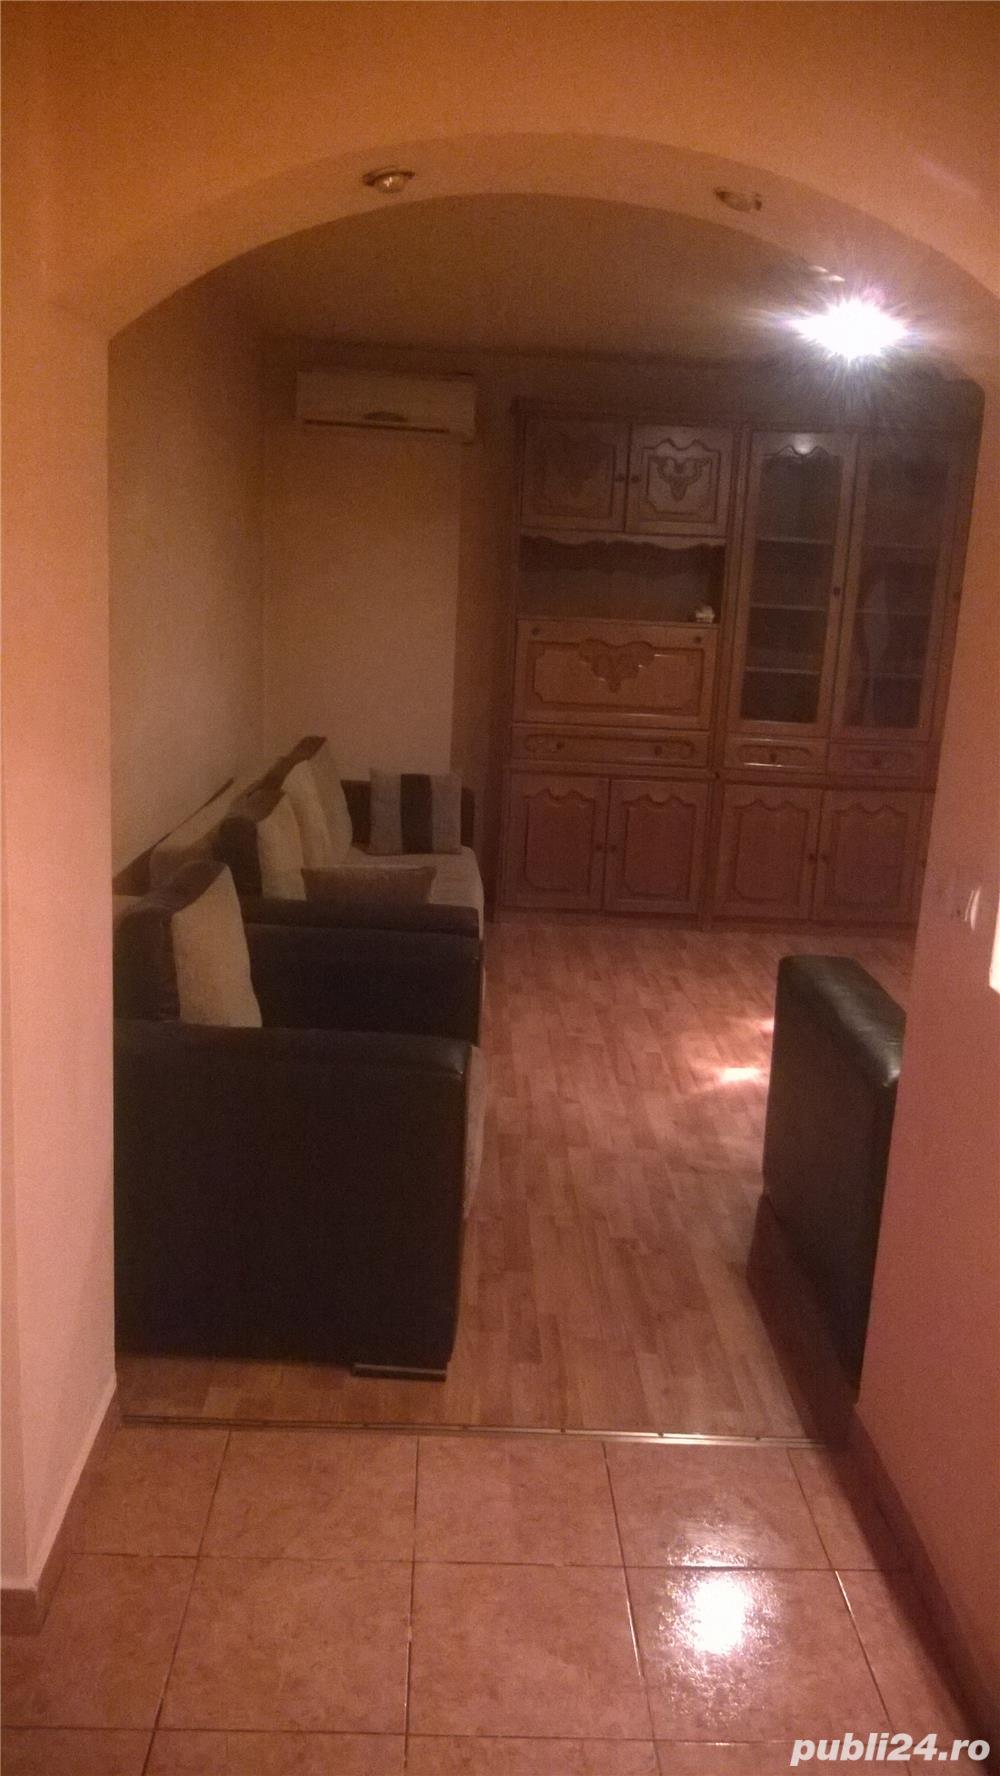 Inchiriez apartament 3 camere,centrala proprie, G. Enescu